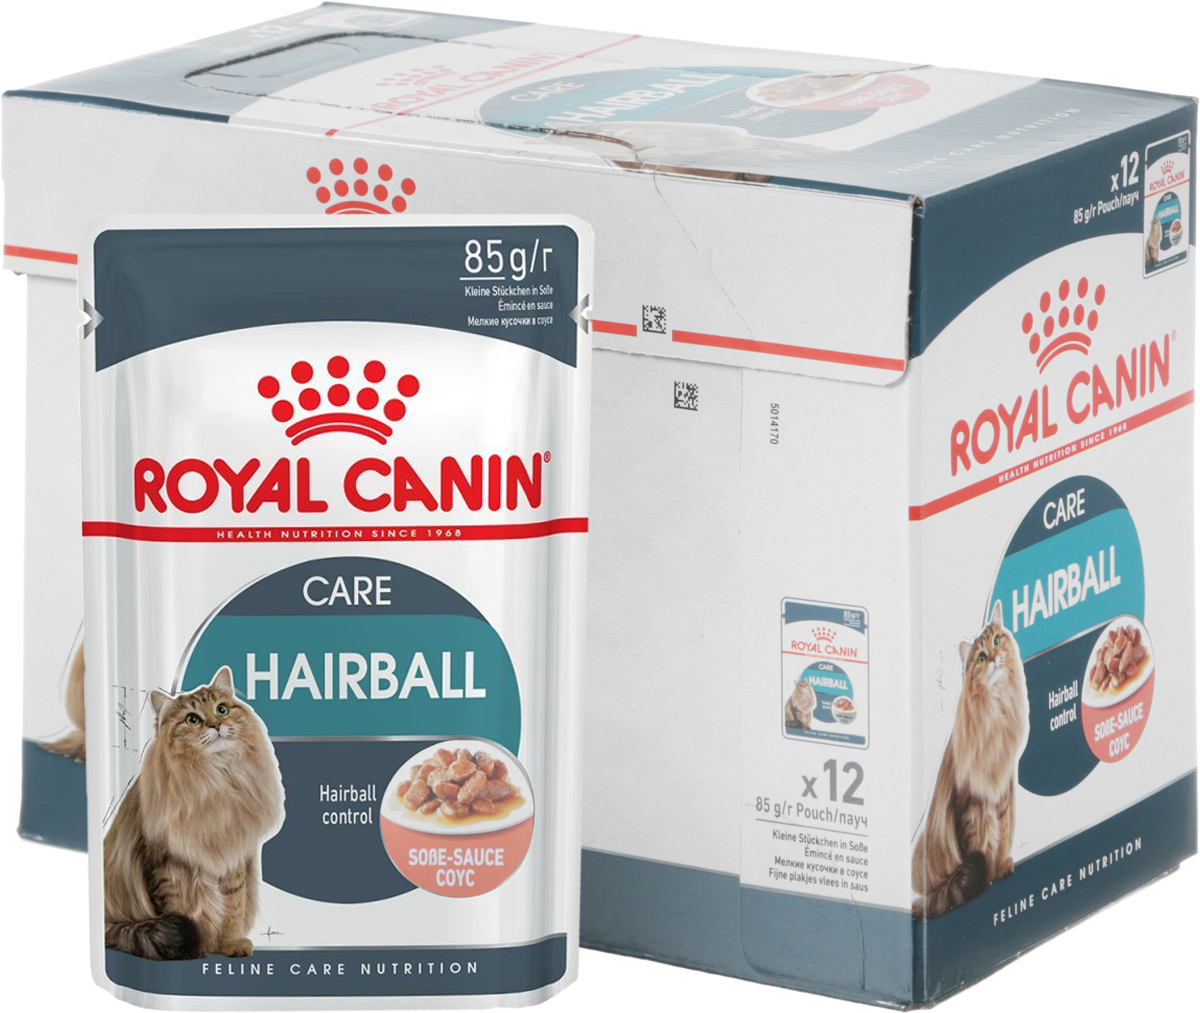 Консервы Royal Canin Hairball Care, для взрослых кошек, мелкие кусочки в соусе, 85 г, 12 шт52129Консервы Royal Canin Hairball Care, специально созданные для взрослых кошек, способствуют выведению волосяных комочков. Кошки уделяют очень много времени уходу за шерстью. Они спонтанно проглатывают большое количество выпавшей шерсти, которая имеет тенденцию скапливаться в желудочно-кишечном тракте, формируя волосяные комочки. Часто это приводит к рвоте или чувству дискомфорта в кишечнике. Hairball Care - тщательно сбалансированная формула, помогающая естественным образом снизить риск образования волосяных комочков. Эксклюзивный комплекс, включающий комбинацию различных видов пищевой клетчатки, в том числе семя подорожника Psyllium, богатое растительной слизью, а также нерастворимую клетчатку, способствует стимуляции кишечного транзита. В результате проглоченная шерсть не скапливается в желудке и не отрыгивается, а регулярно выводится с фекалиями через кишечник. Баланс минеральных веществ продукта поддерживает здоровье мочевыводящих путей взрослой кошки.Состав: мясо и мясные субпродукты, злаки, субпродукты растительного происхождения, экстракты белков растительного происхождения, масла и жиры, минеральные вещества, углеводы, дрожжи.Добавки (в 1 кг): витамин D3: 150 ME, железо: 2 мг, йод: 0,3 мг, марганец: 0,6 мг, цинк: 6 мг.Товар сертифицирован. Уважаемые клиенты!Обращаем ваше внимание на возможные изменения в дизайне упаковки. Качественные характеристики товара остаются неизменными. Поставка осуществляется в зависимости от наличия на складе.